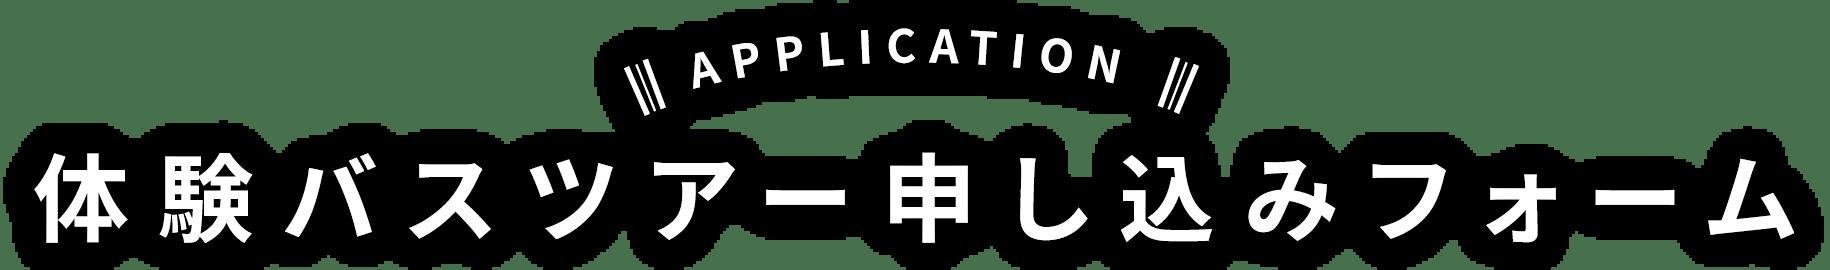 体験バスツアー申し込みフォーム - APPLICATION